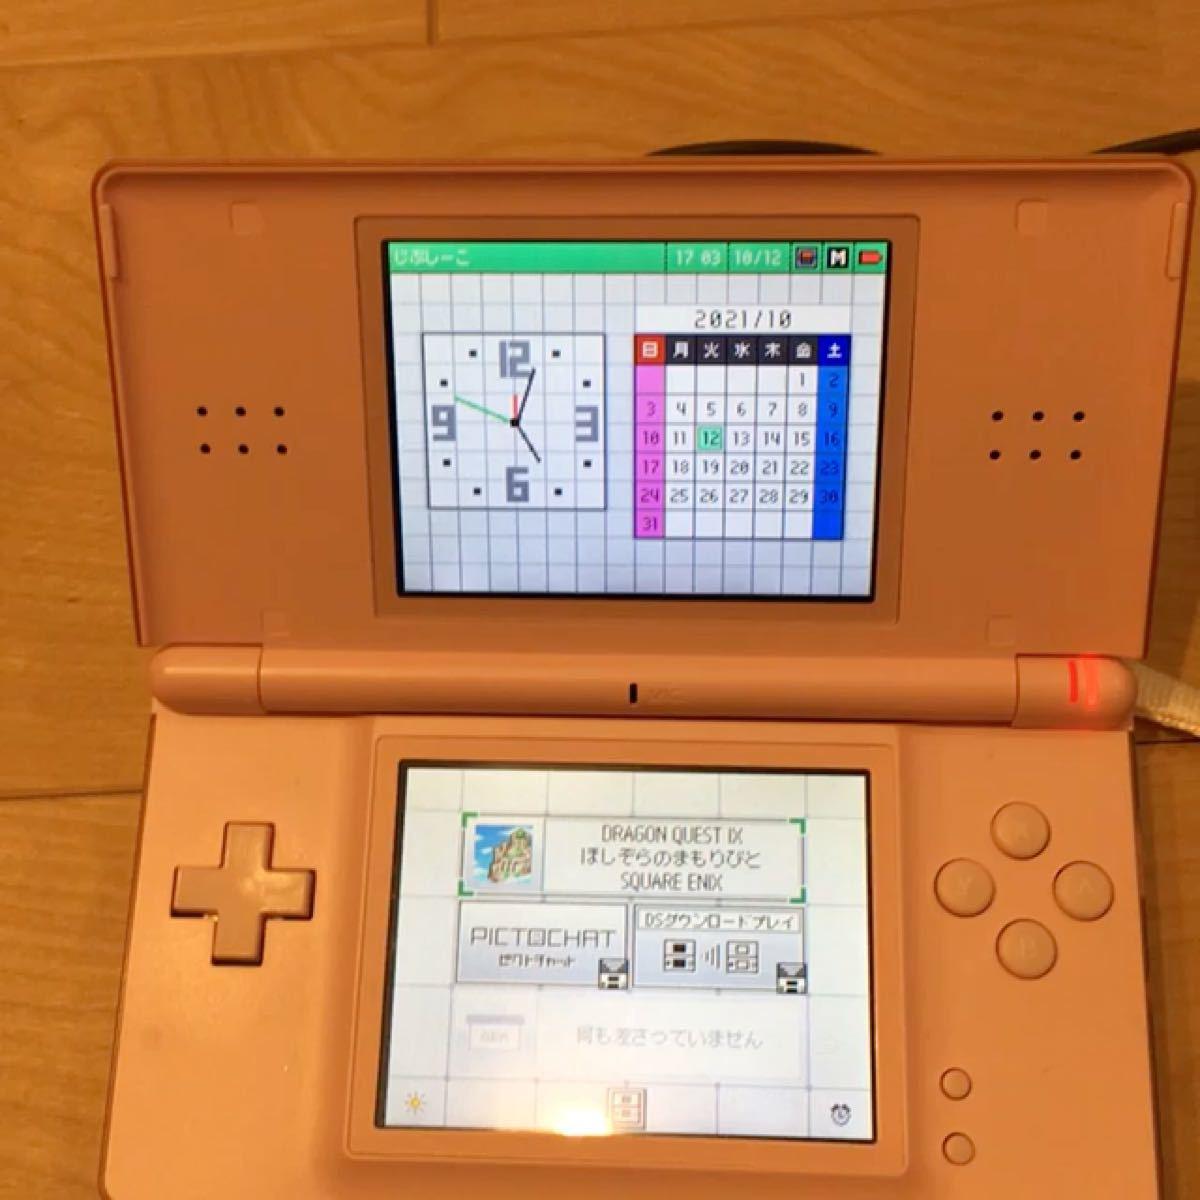 【即遊べるセット】ニンテンドーDS Lite キャンディピンク アダプター付き タッチペン付き ドラクエIX のソフト付き